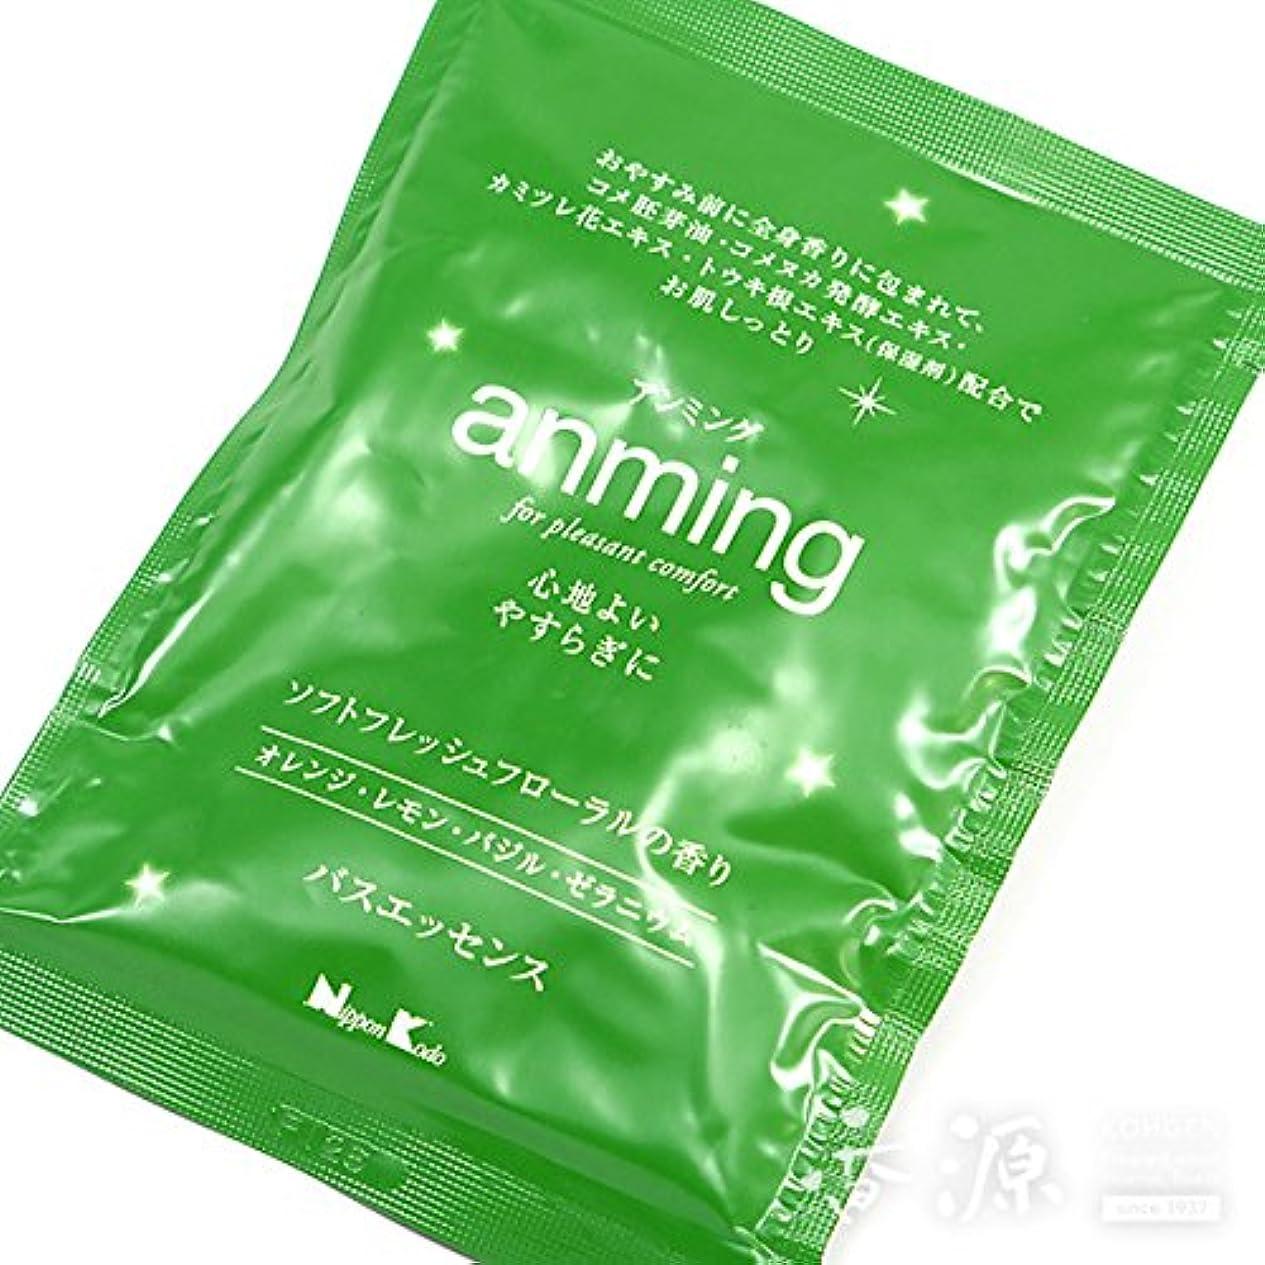 しないでください許容明らか日本香堂の入浴剤 anming(アンミング) バスエッセンス ミニ